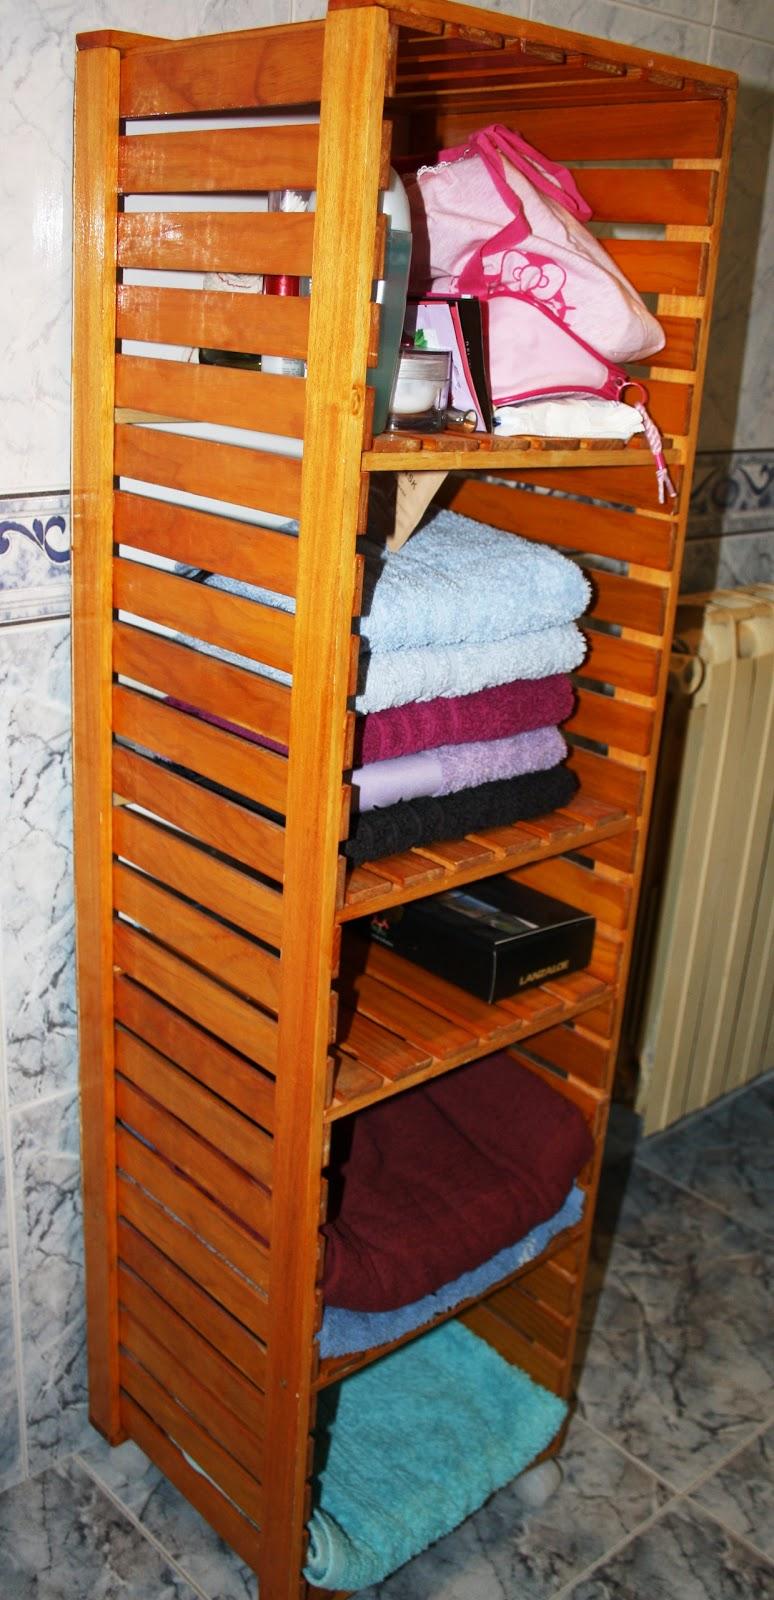 Adrianarte1 mueble toallas - Mueble para toallas ...